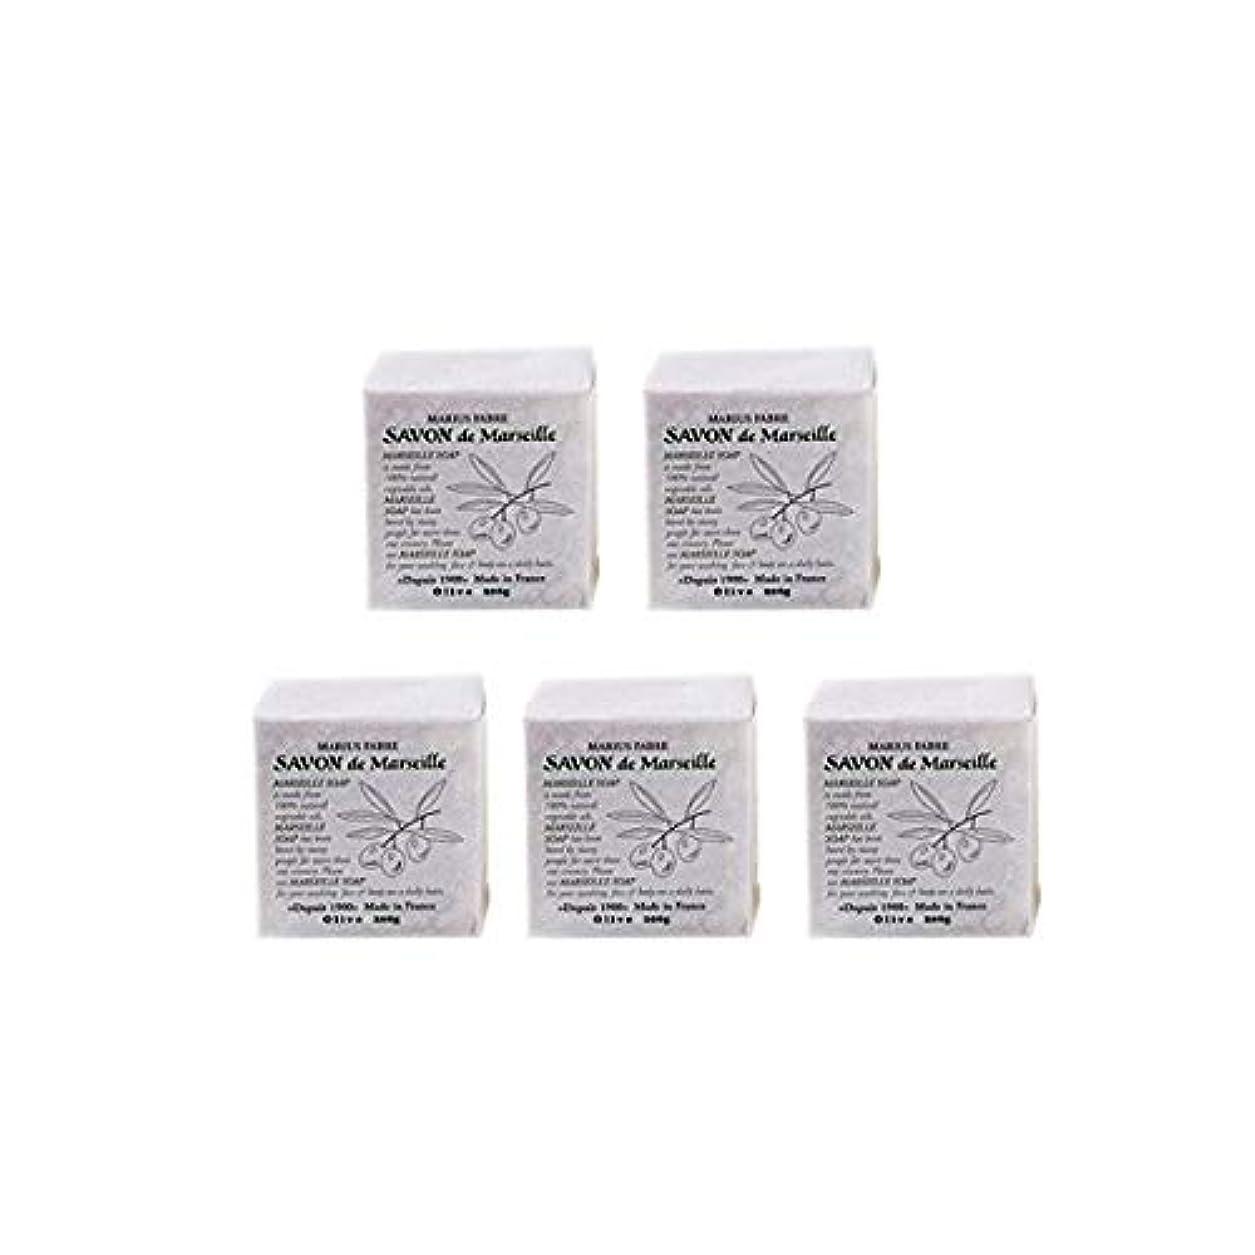 ほとんどない商標ナプキンマリウスファーブルサボンドマルセイユ無香料オリーブN(無香料)5個セット(200g×5個)マリウスファーブルのマルセイユ石鹸 無香料